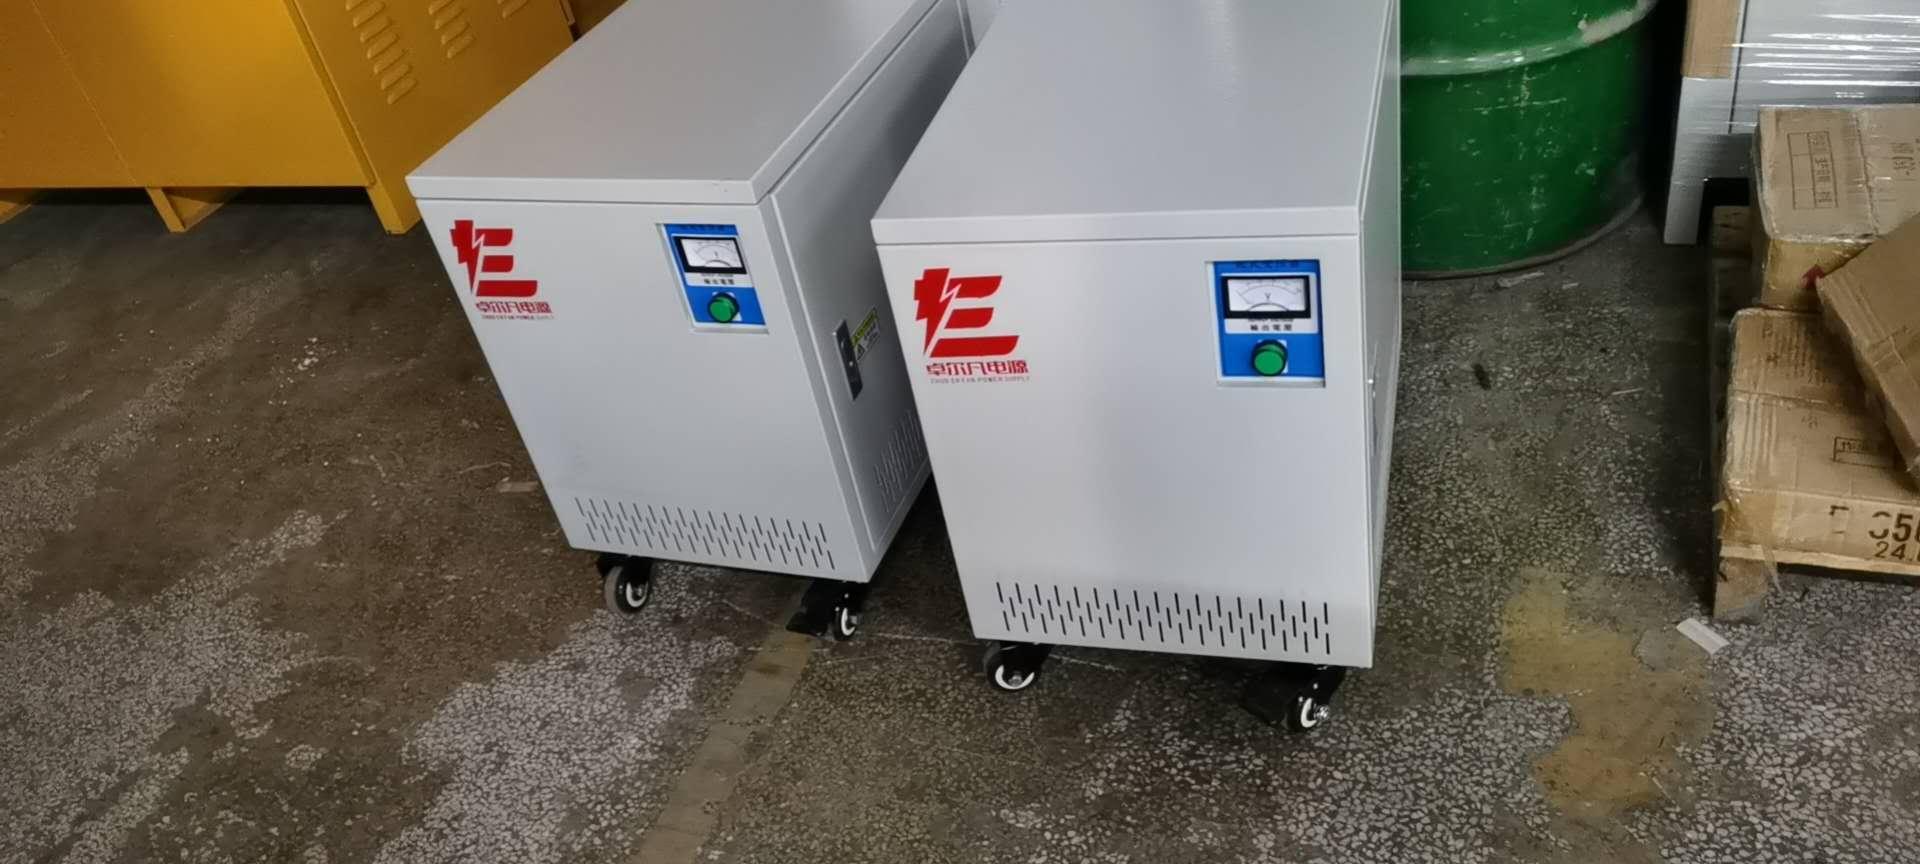 天津20KW三相隔離變壓器定制 電壓功率均可定做